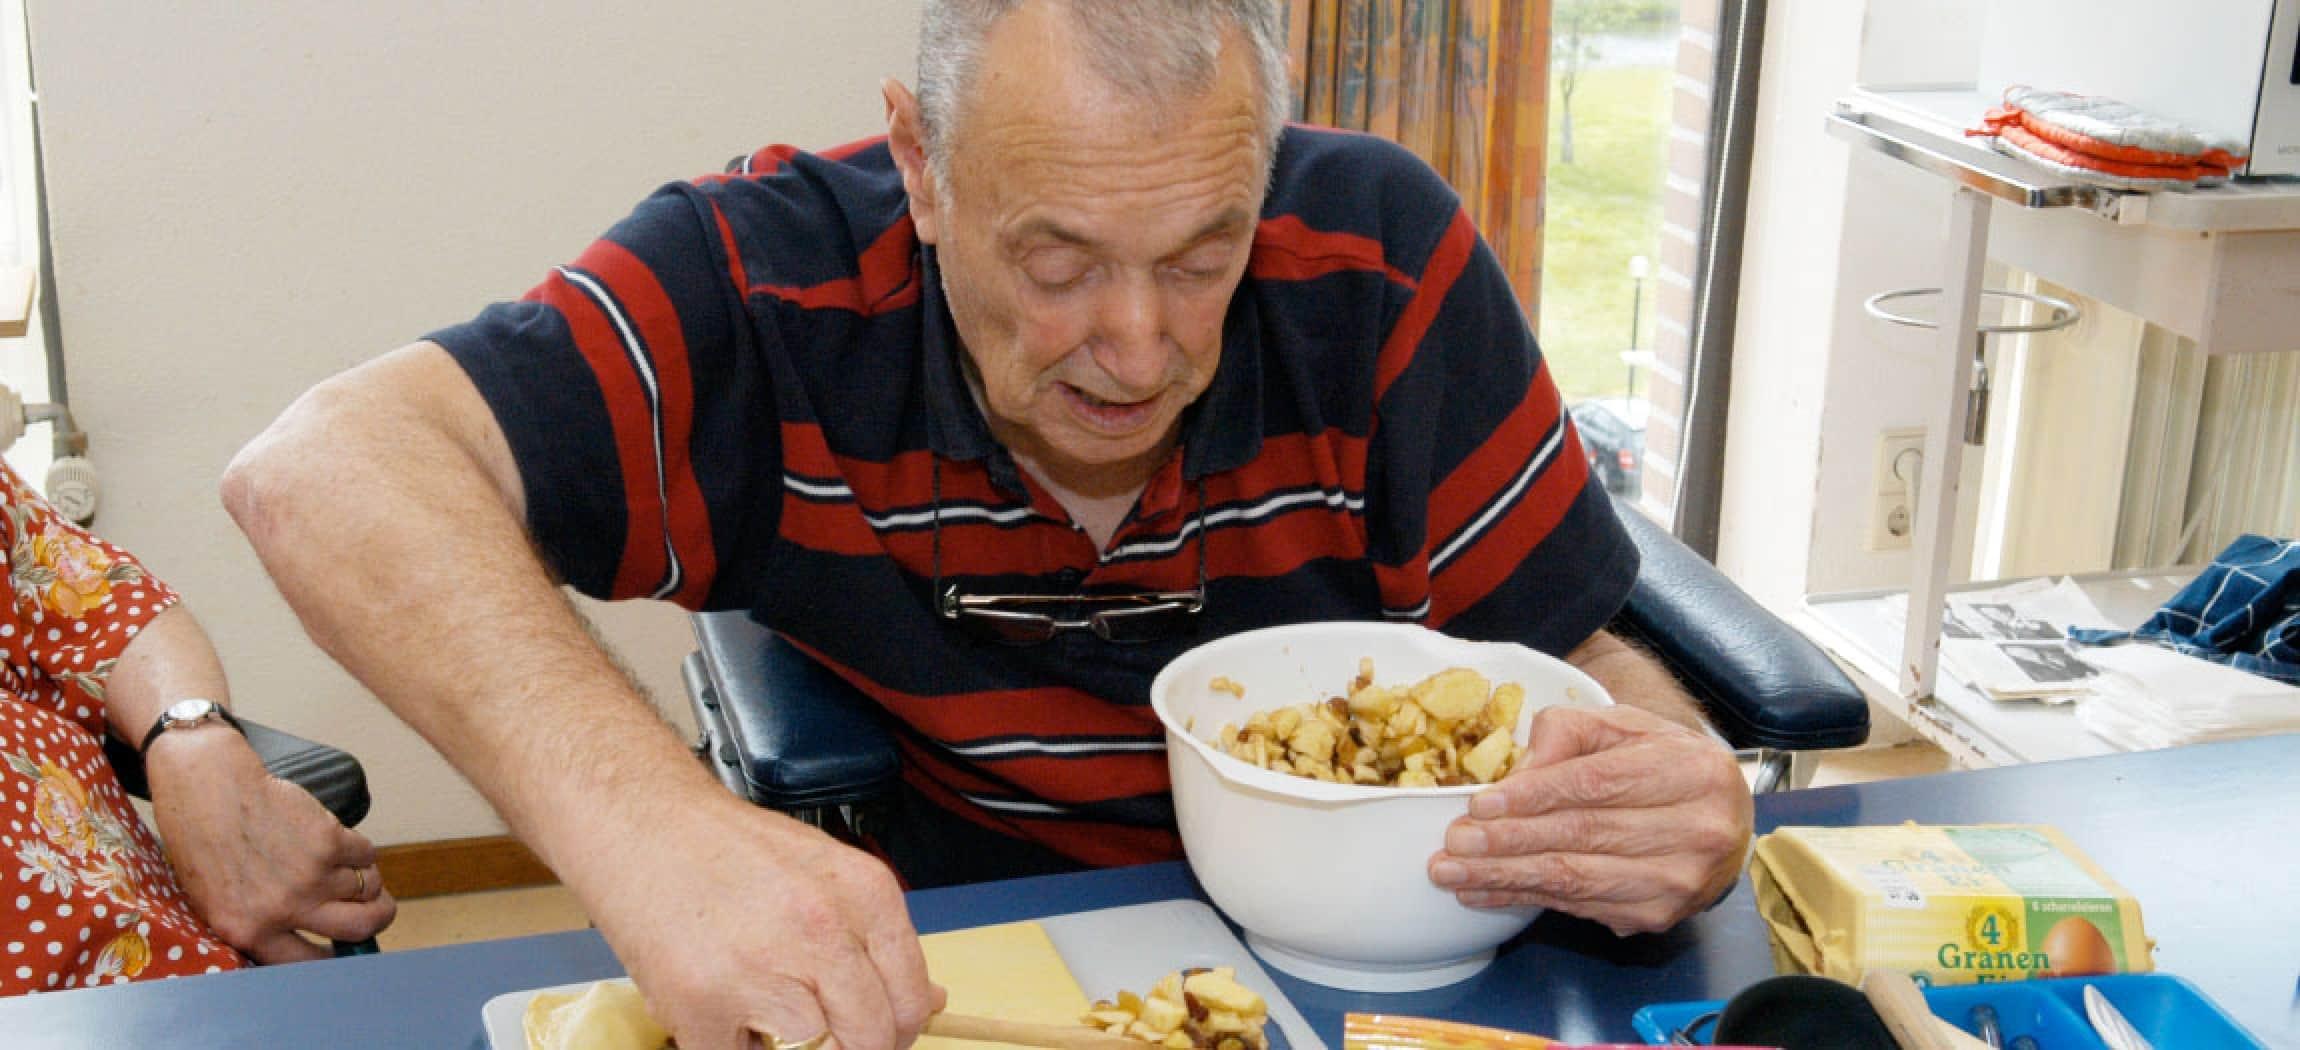 Opa maakt appelflappen aan tafel met kom appelpartjes